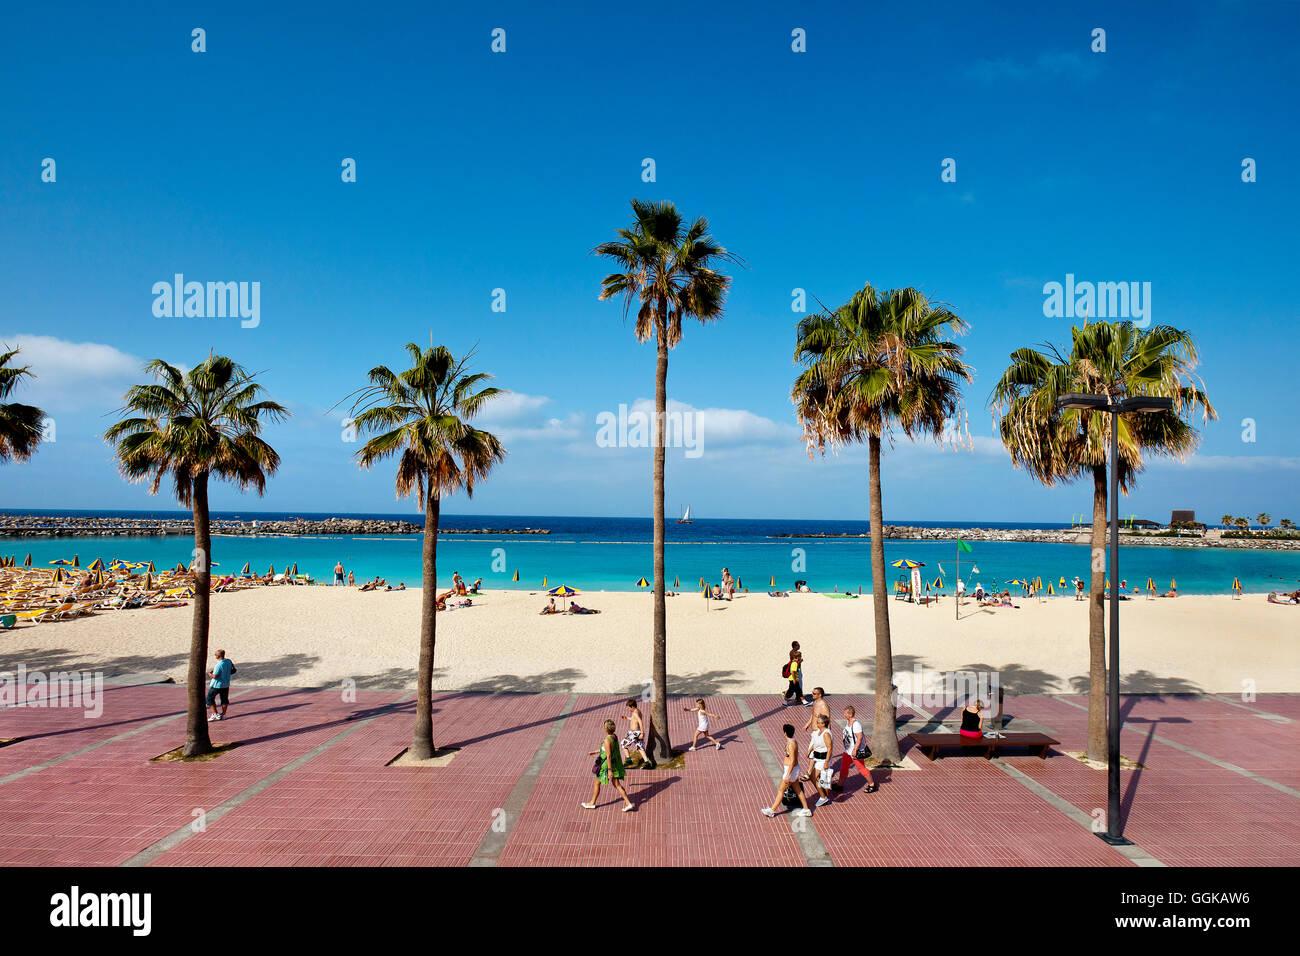 Playa y paseo a la Playa de Amadores, Puerto Rico, Gran Canaria, Islas Canarias, España Imagen De Stock